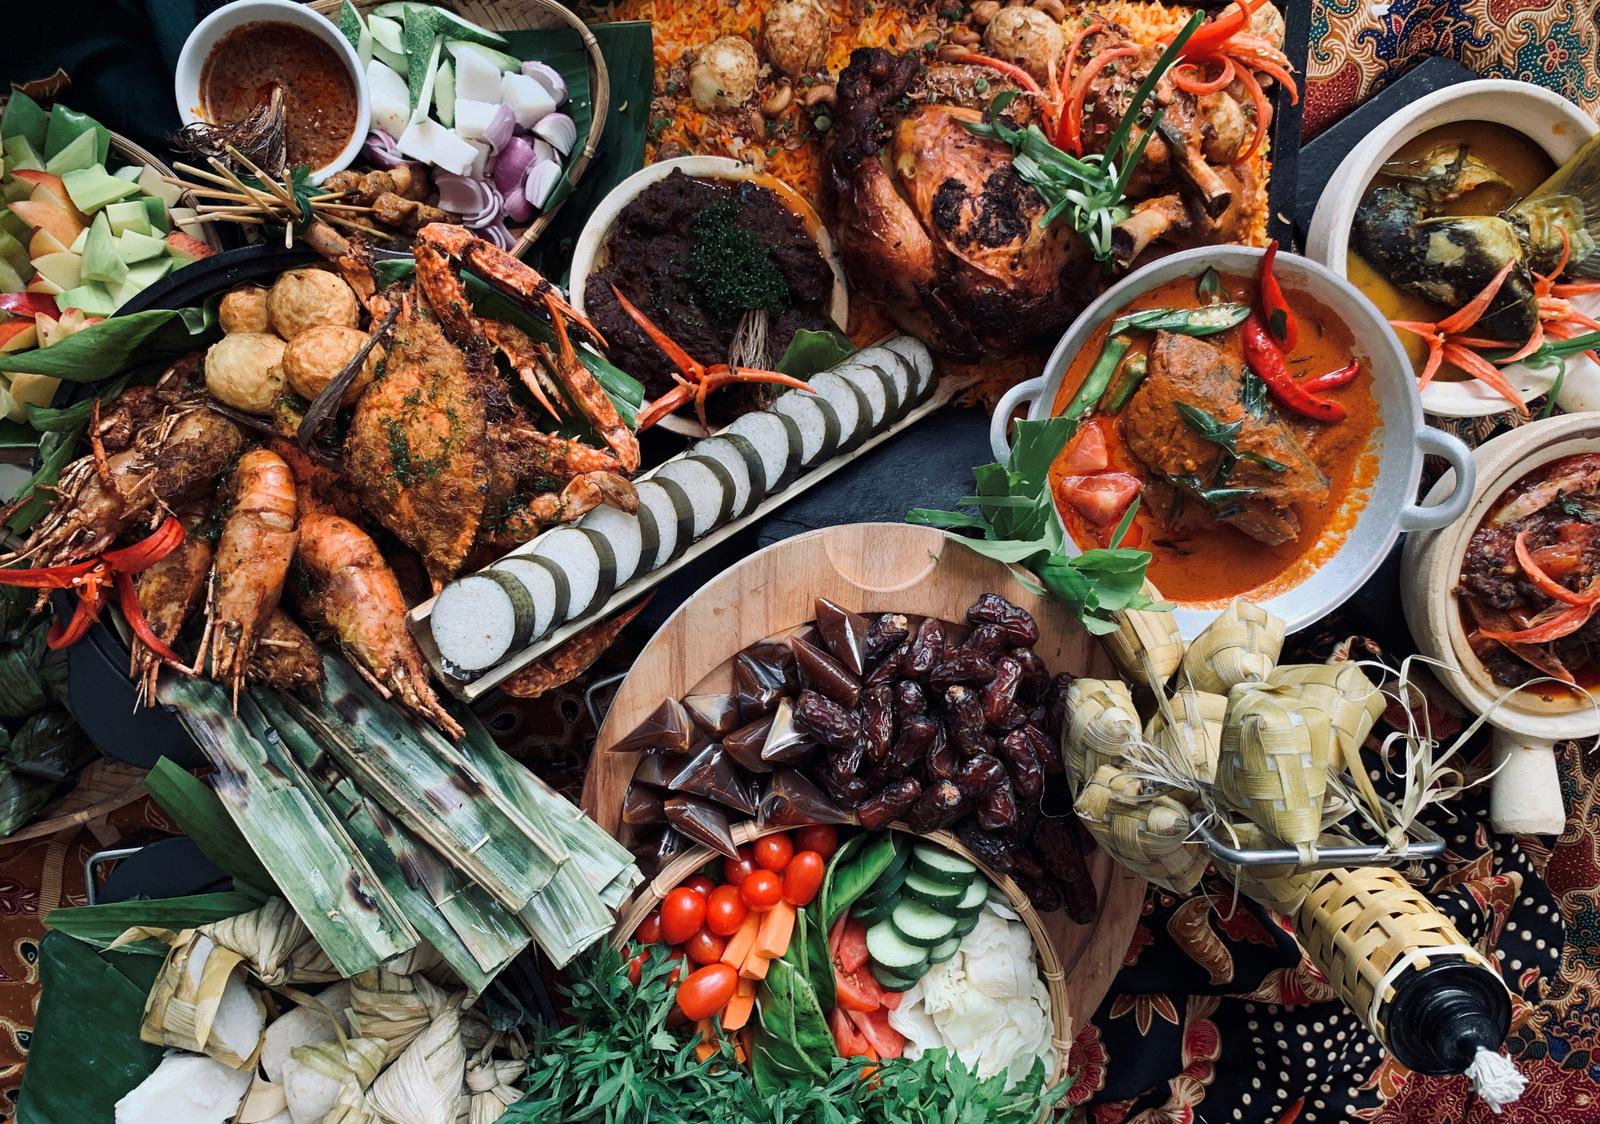 2019 selera kampung buffet: traders hotel kuala lumpur